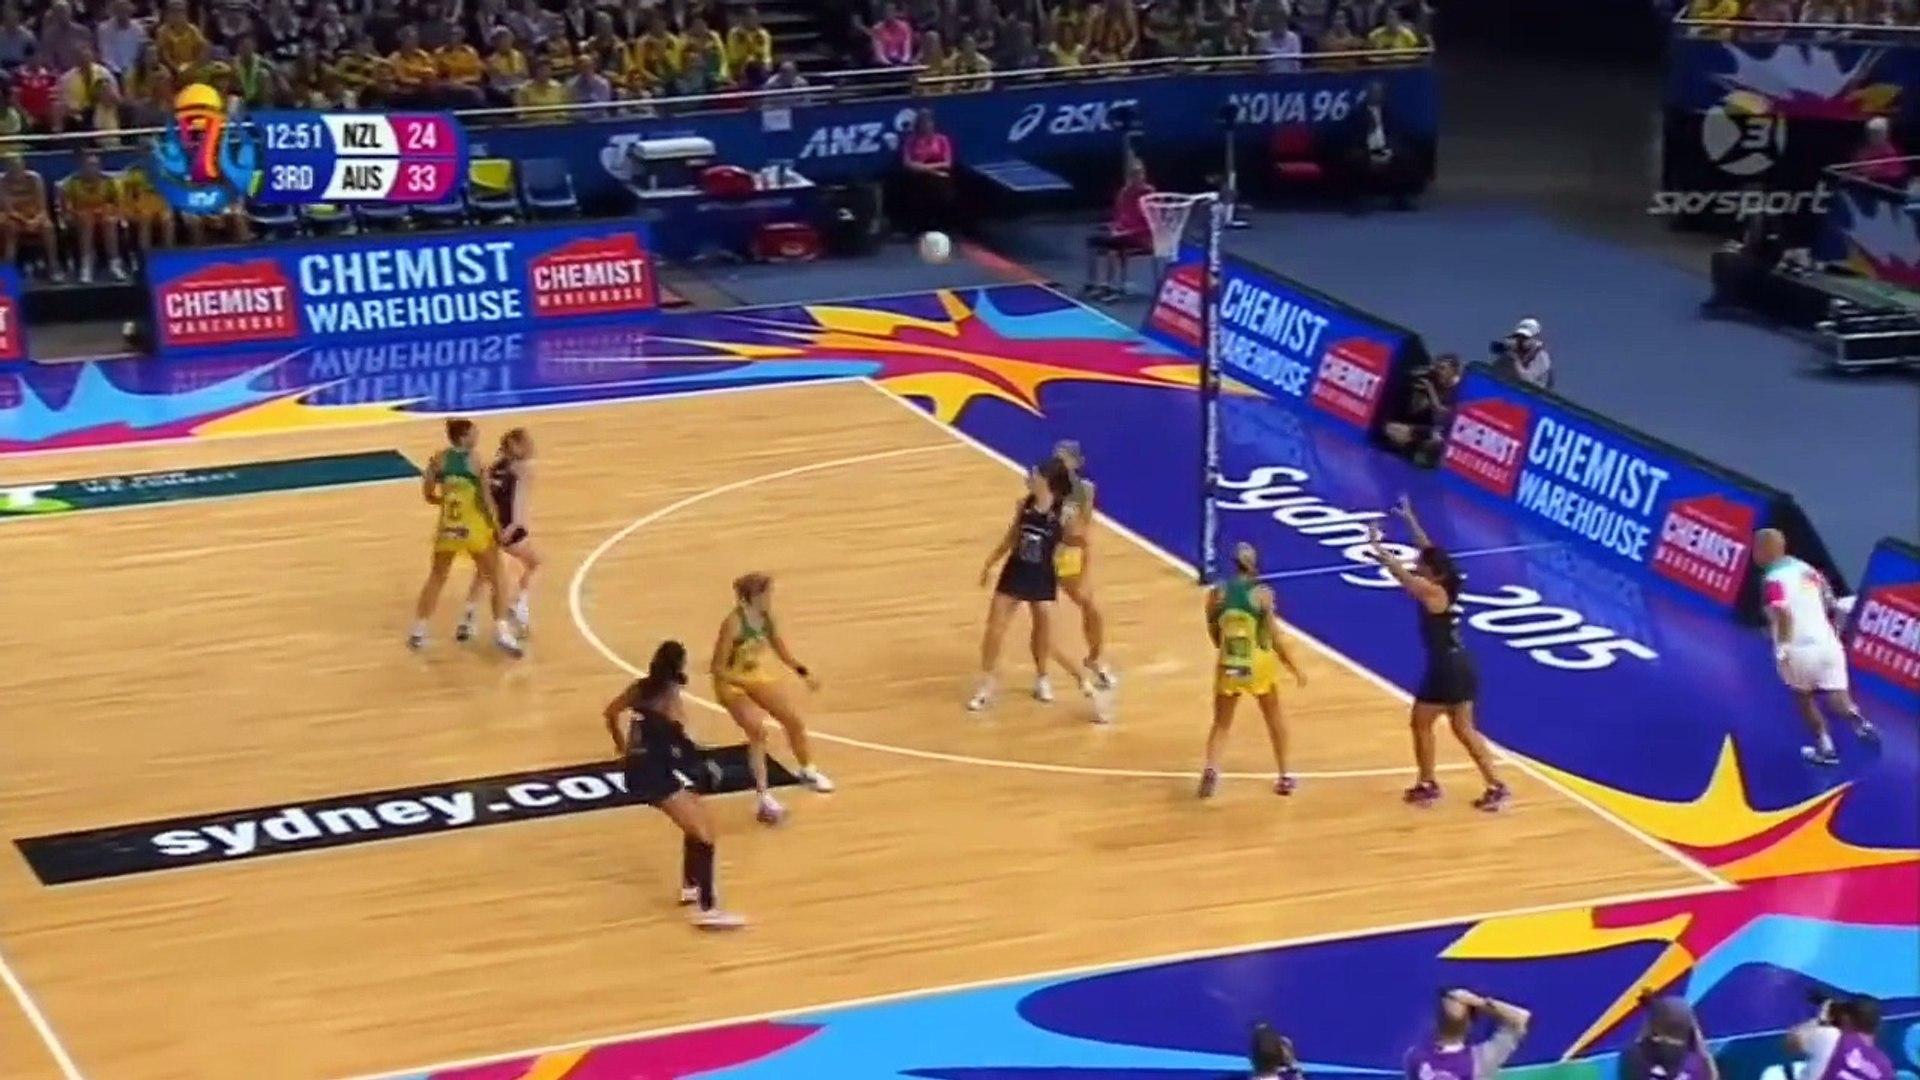 Australia vs. New Zealand - Highlights (Netball World Cup Final 2015)